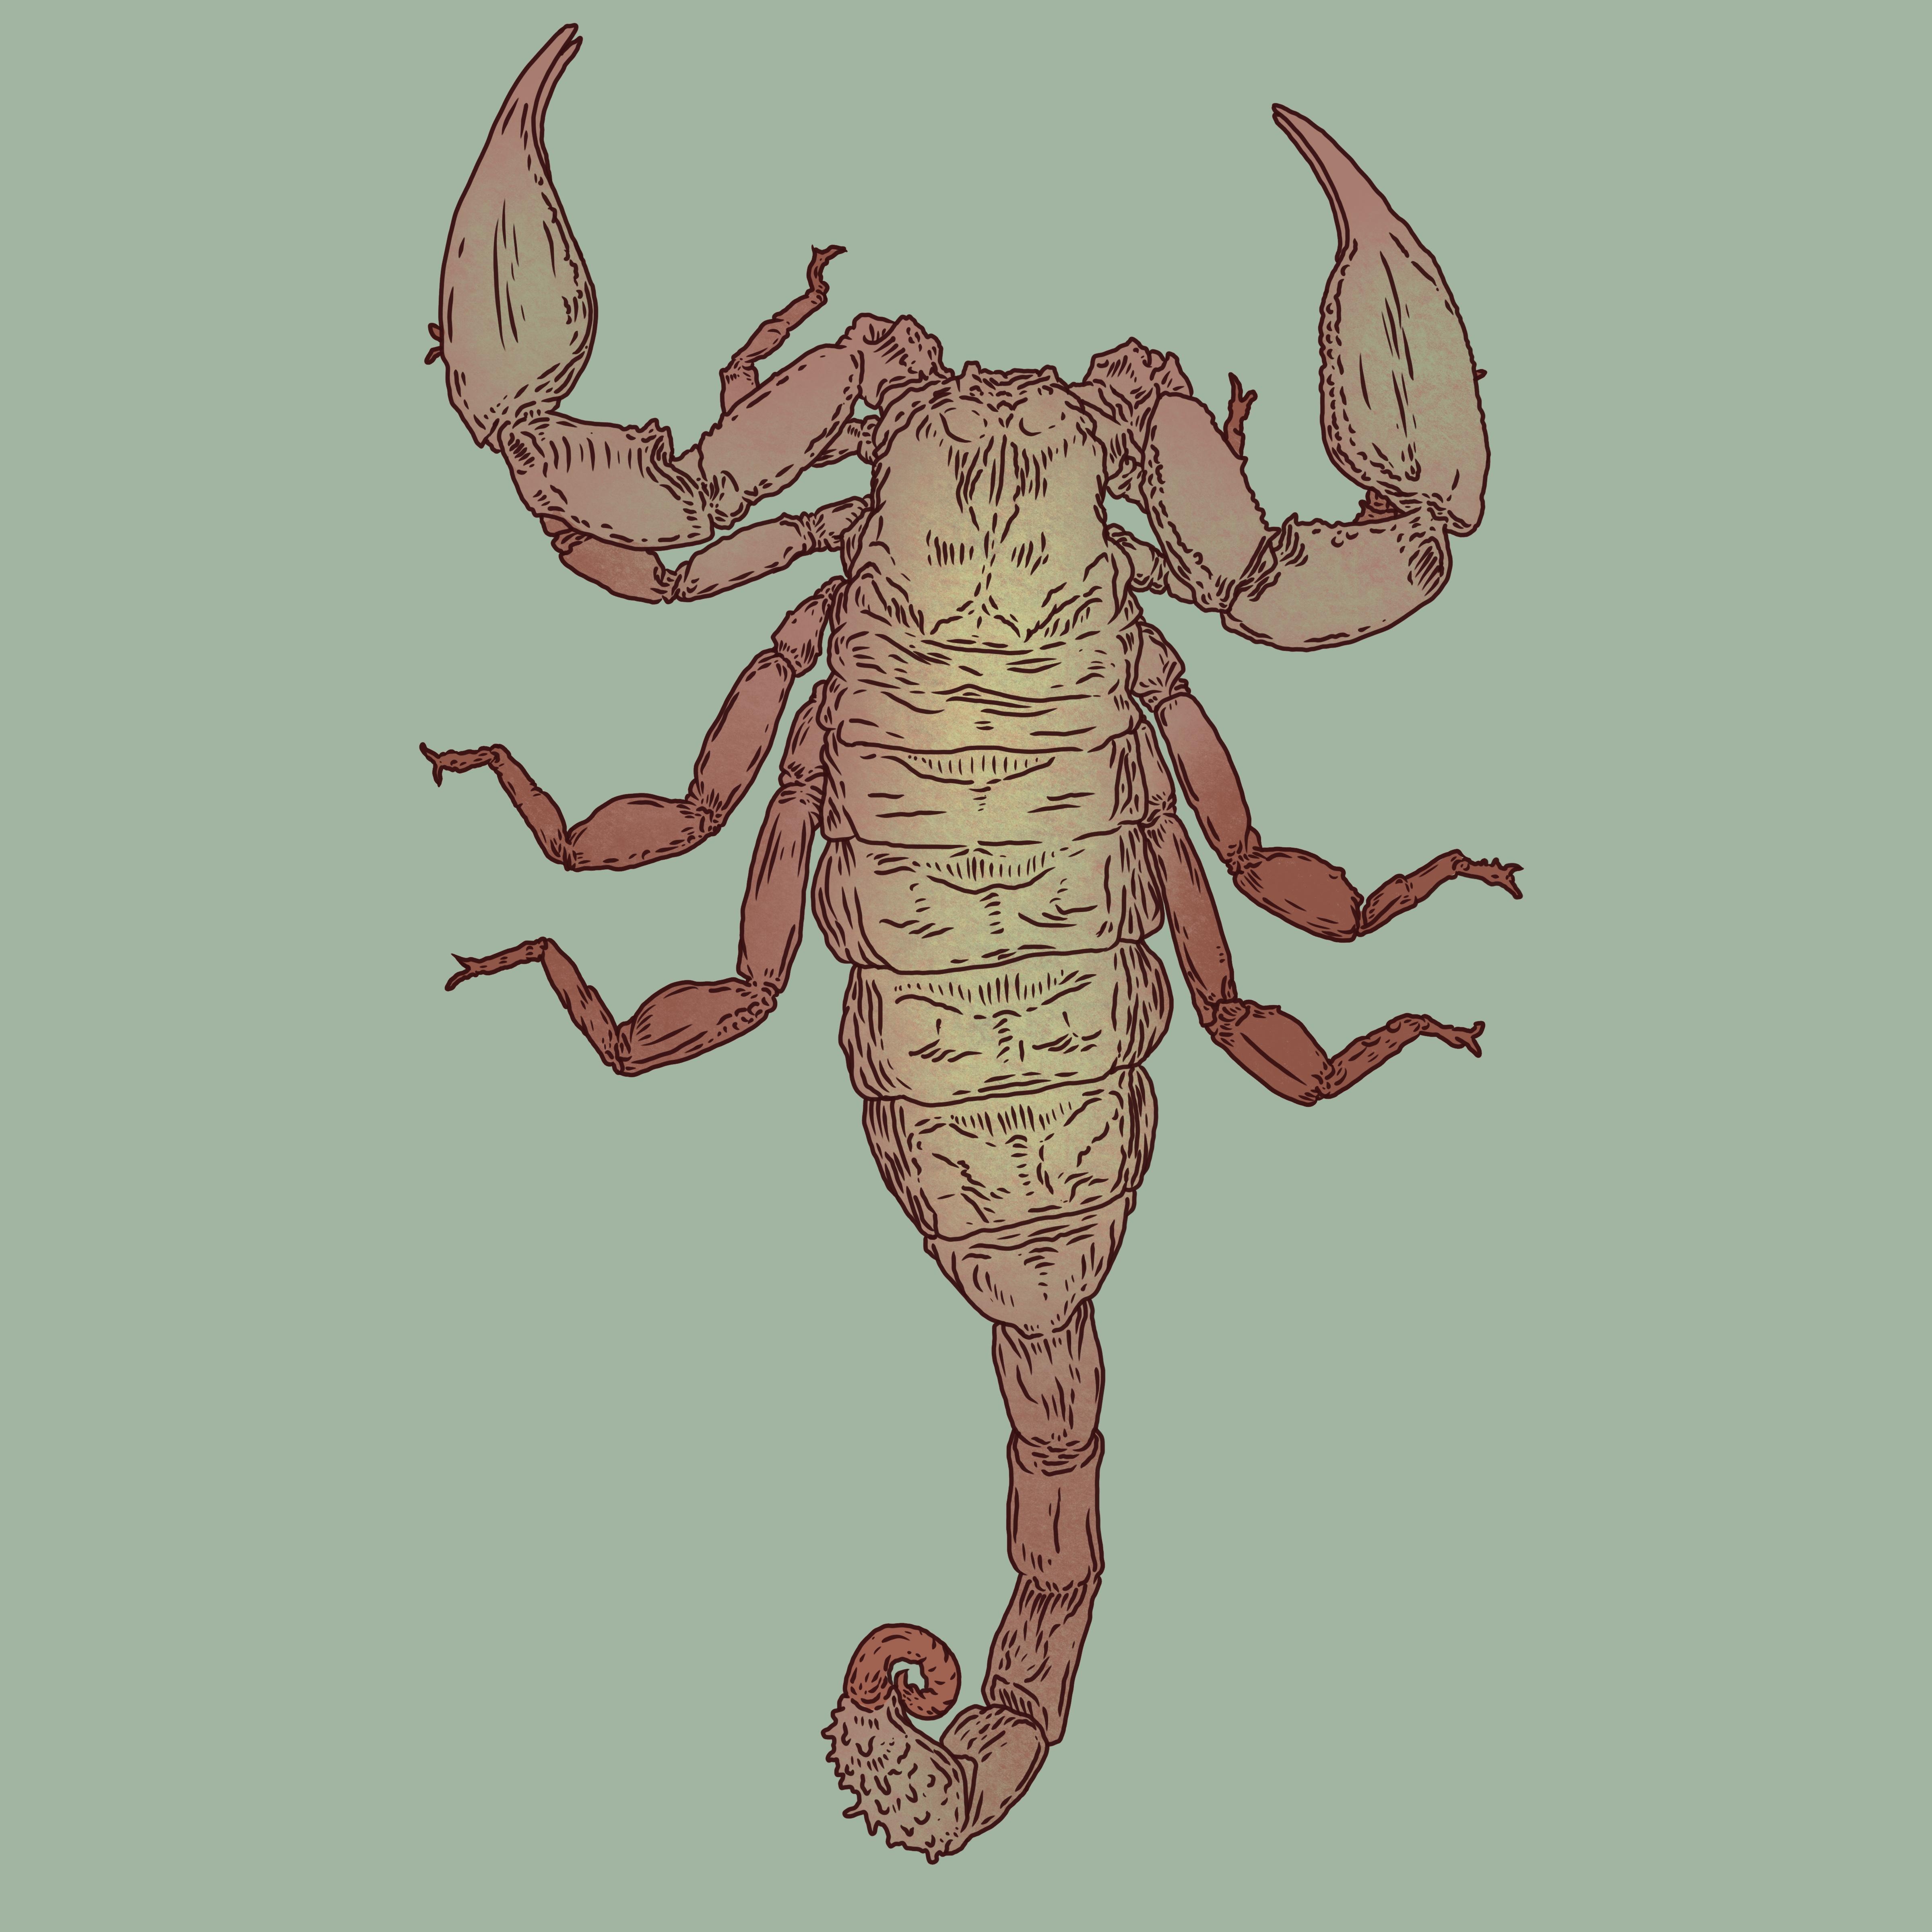 Scorpion_3